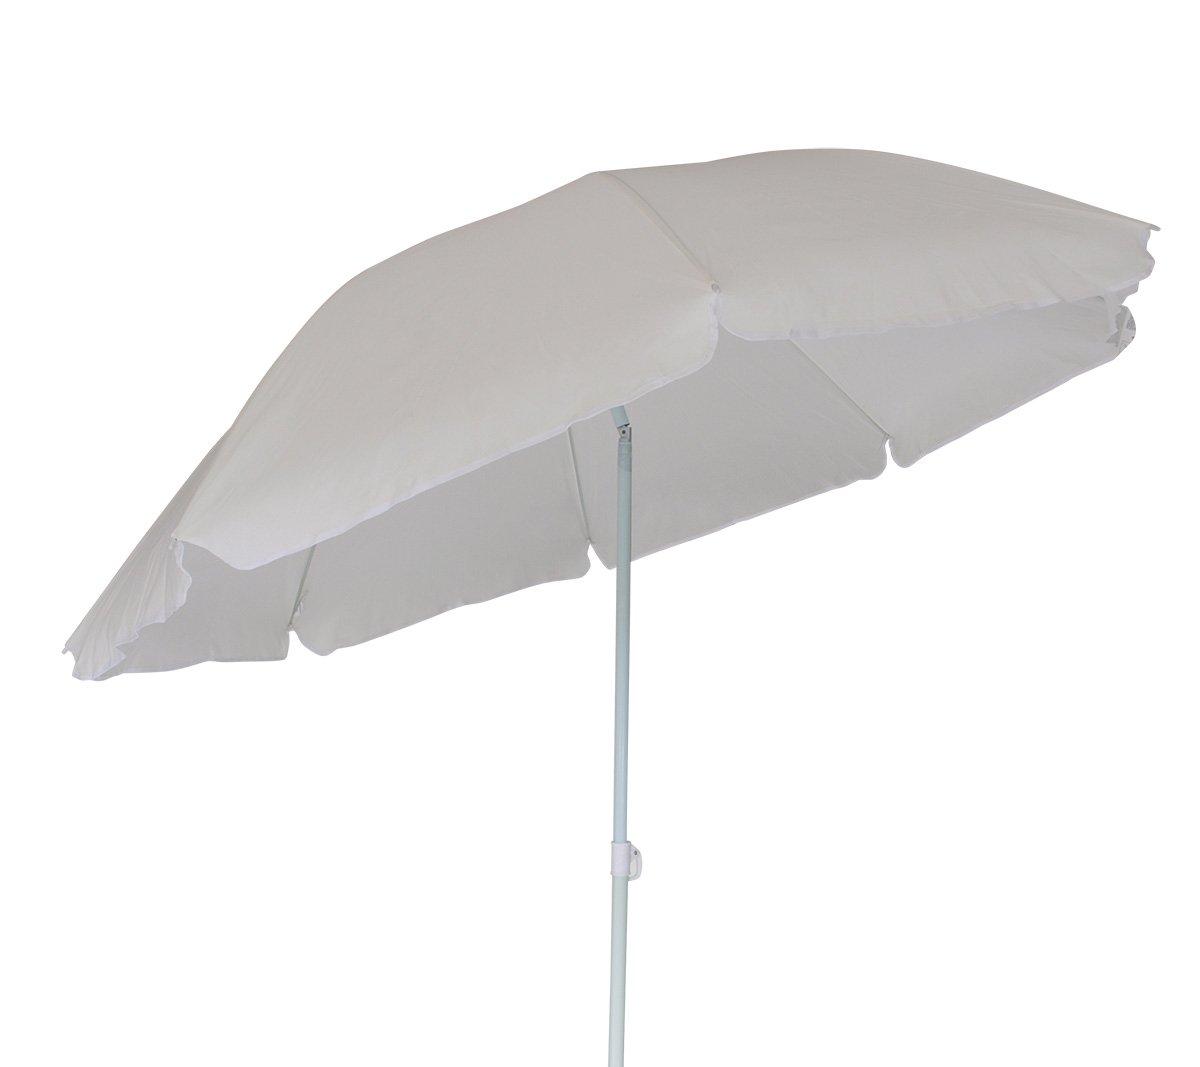 Strandschirm Sonnenschirm 200cm naturfarben, knickbar kaufen